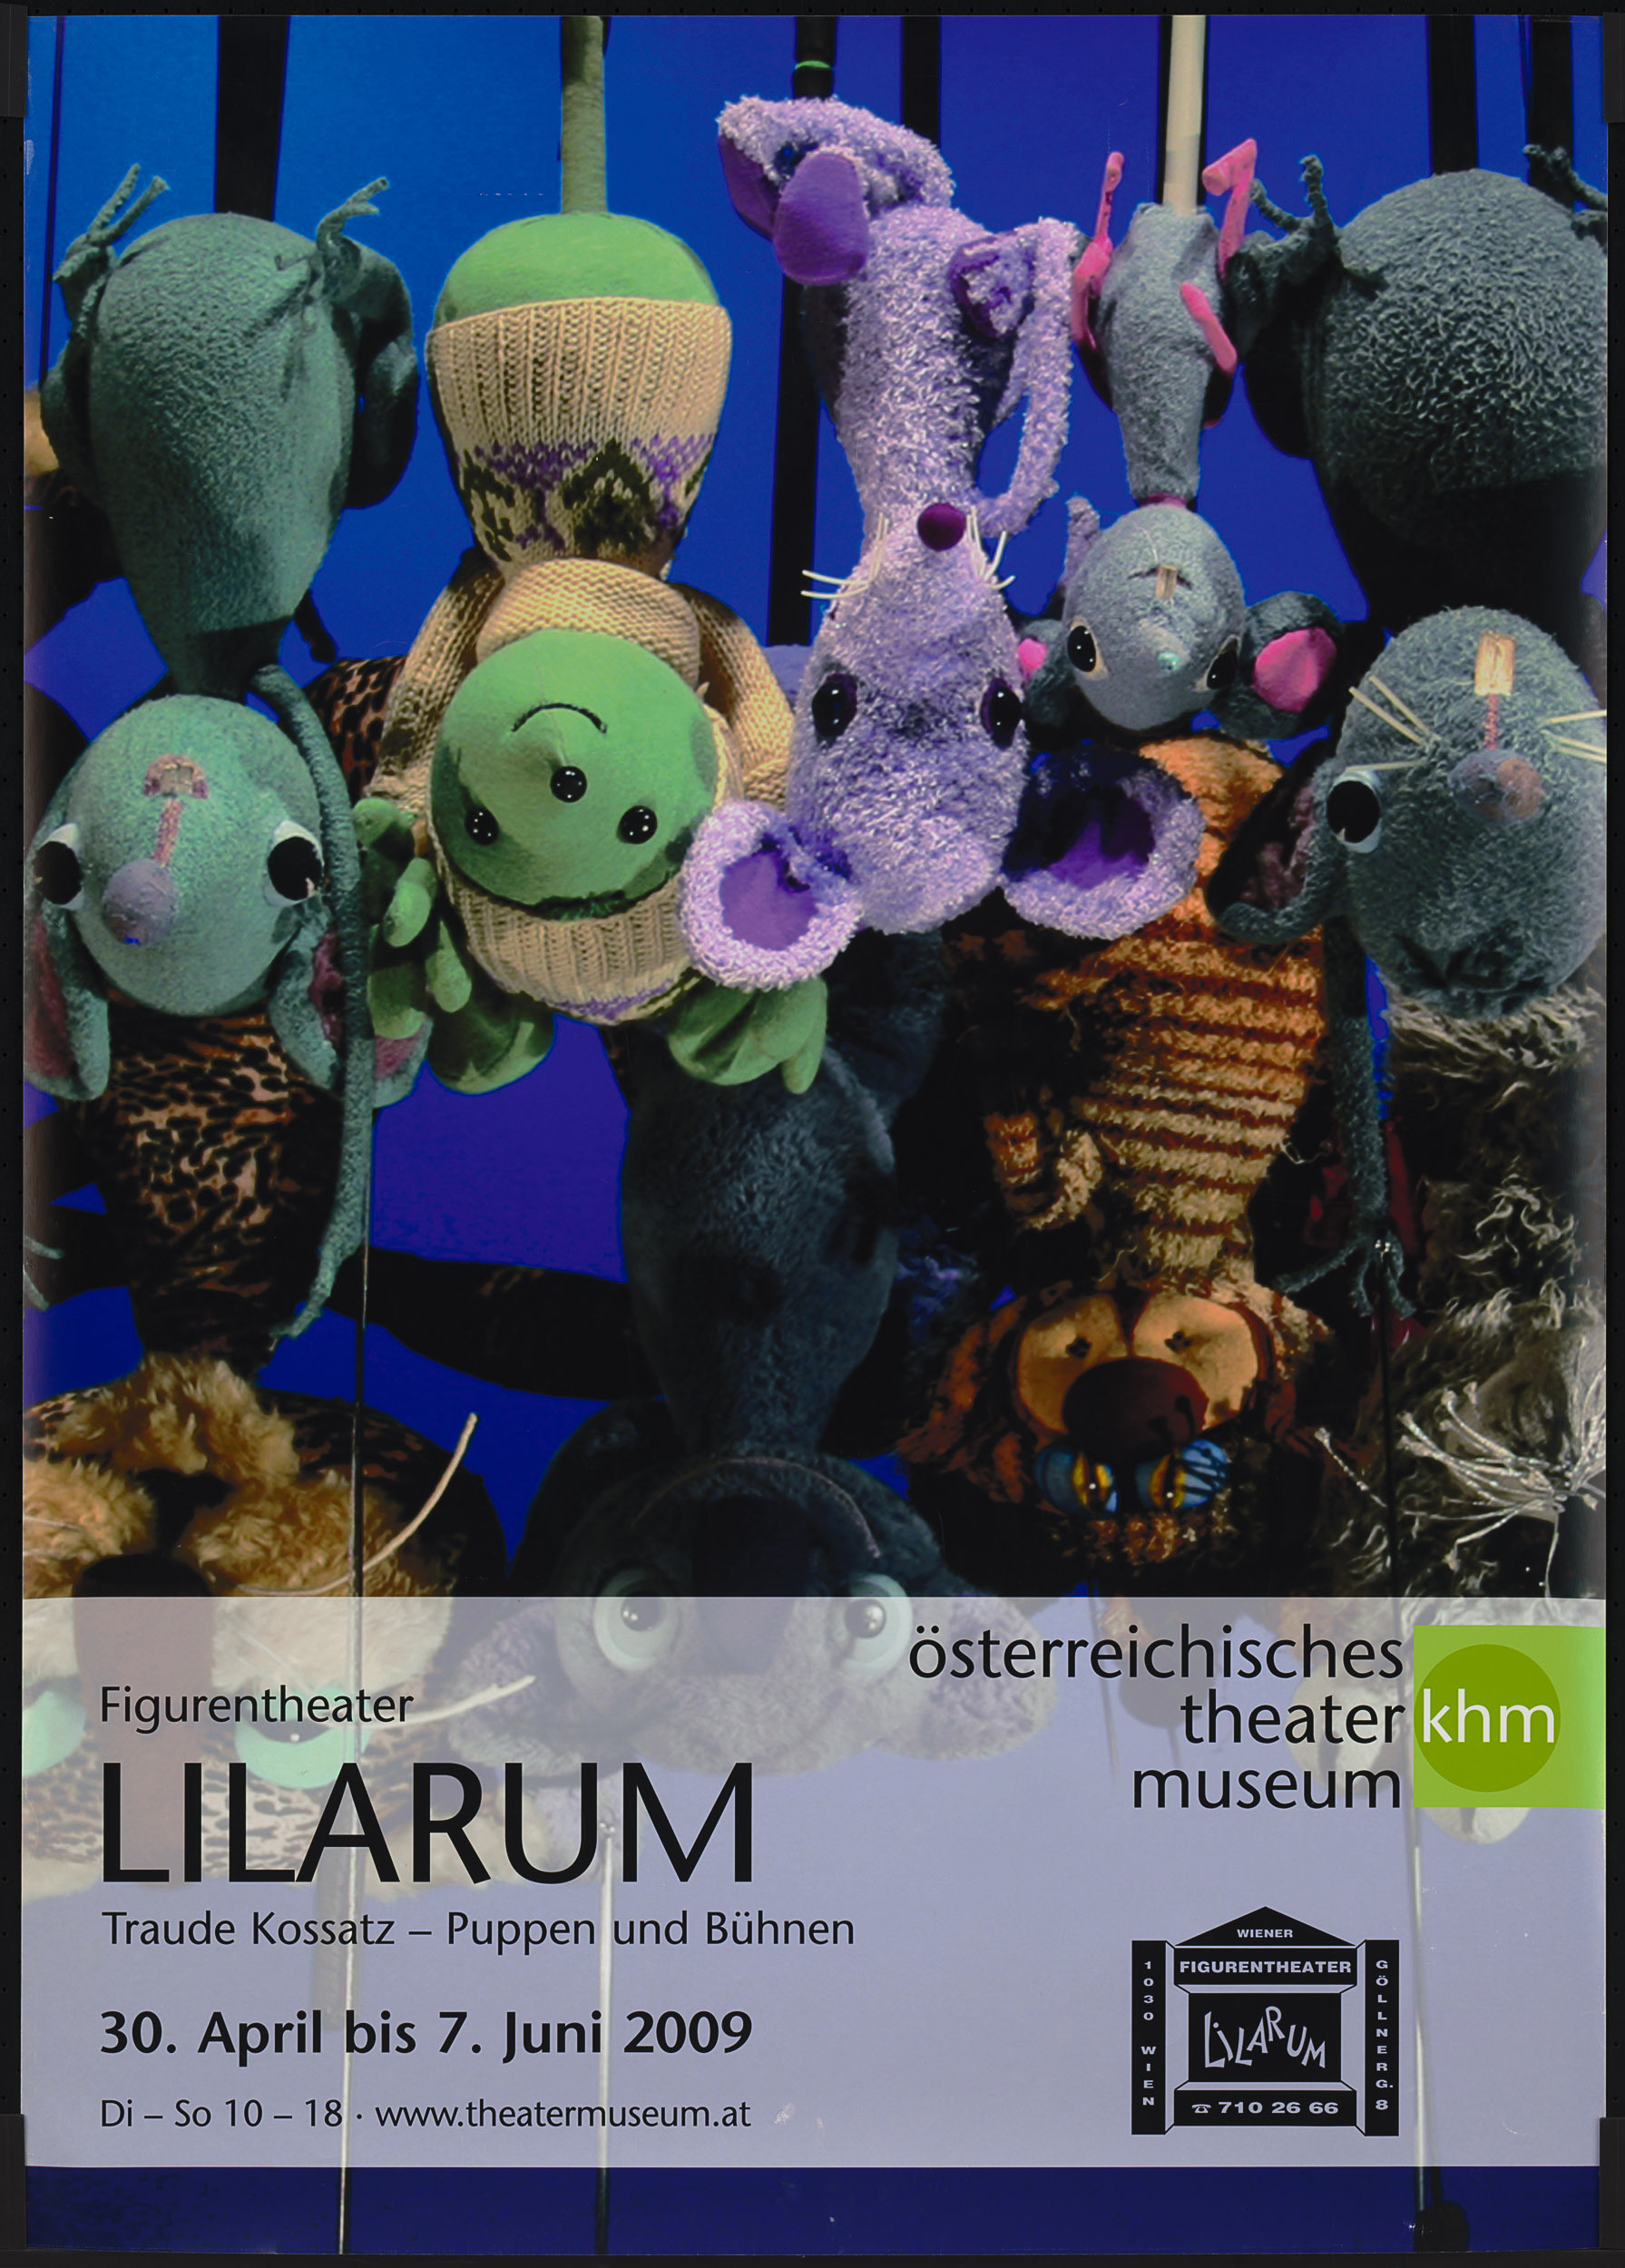 Figurentheater LILARUM. Traude Kossatz - Puppen und Bühnen von Theatermuseum, Wien